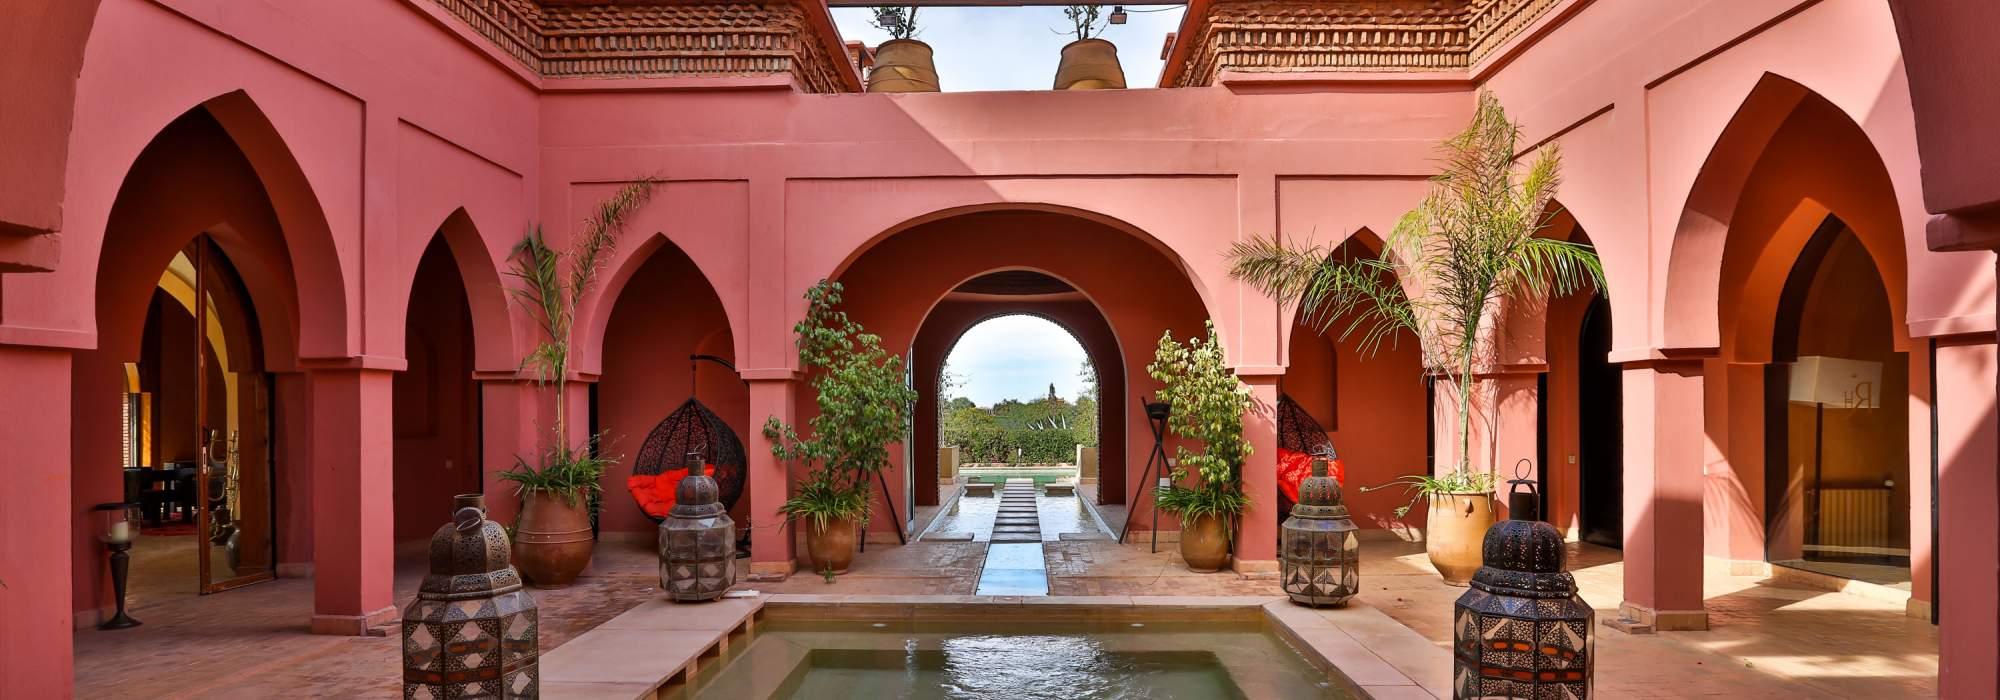 villa a vendre premiere ligne de golf d'amelkis marrakech